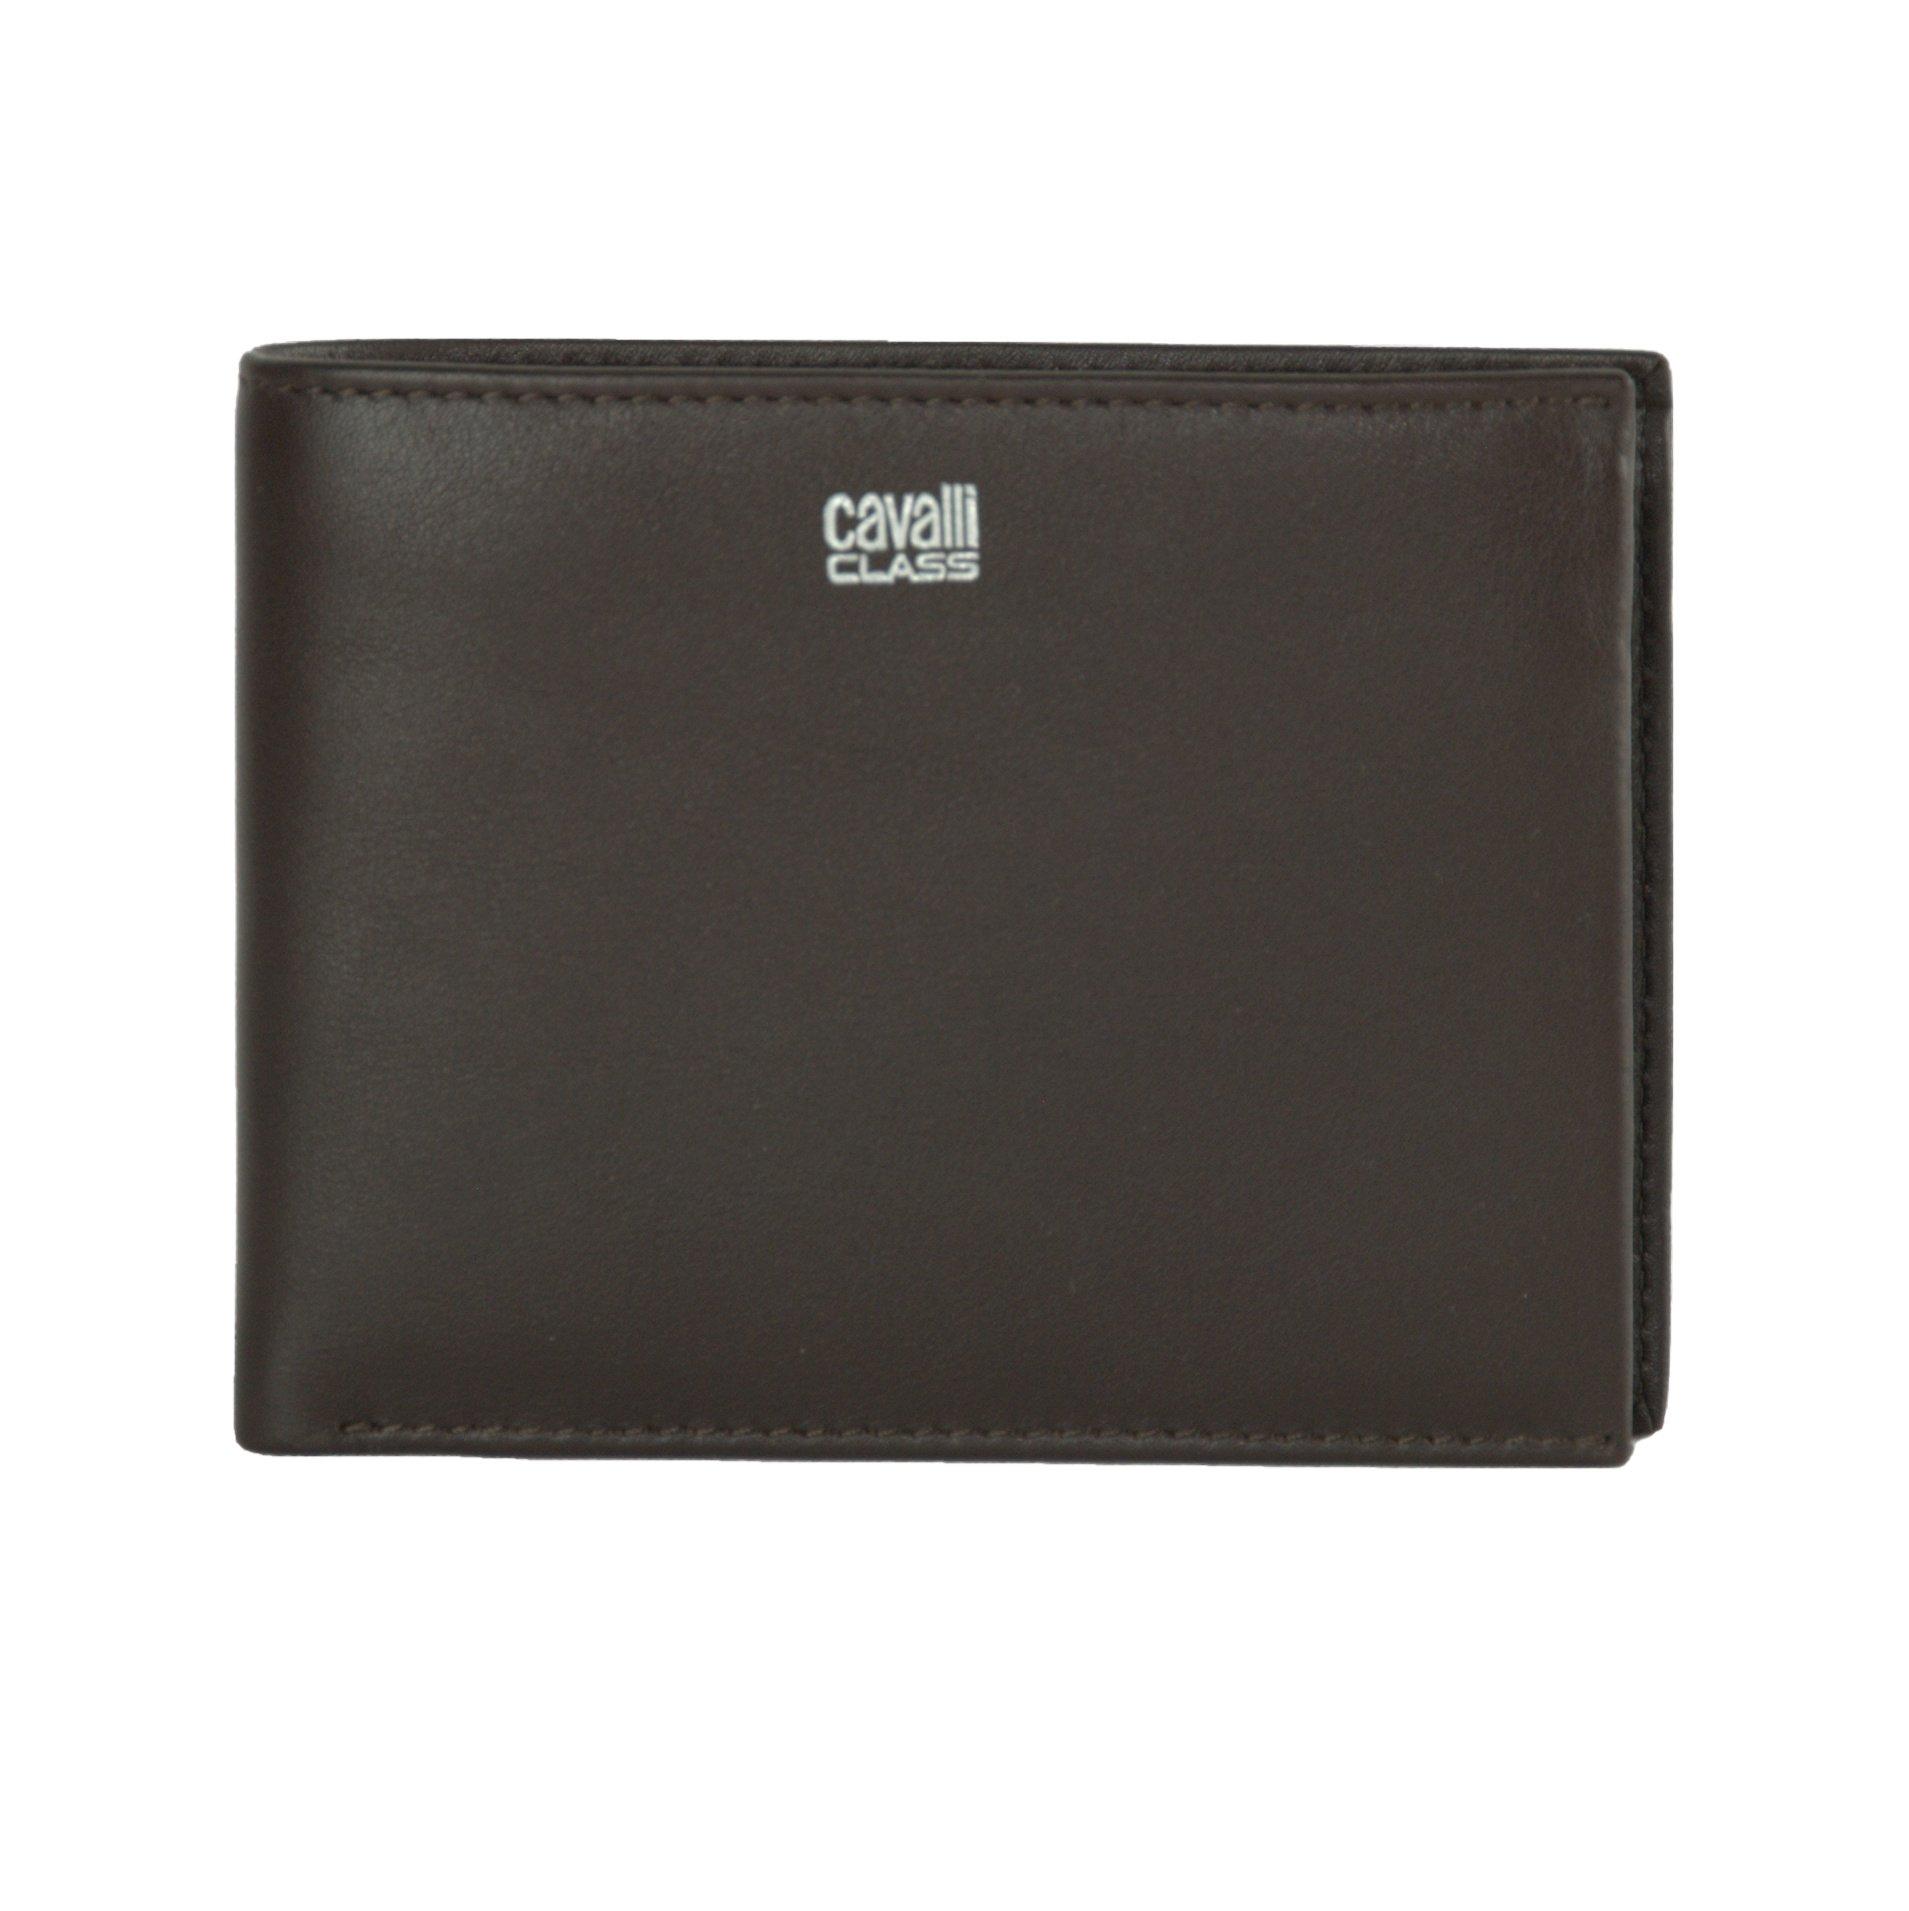 Cavalli Class Men's Wallet Dark Brown CA1432667